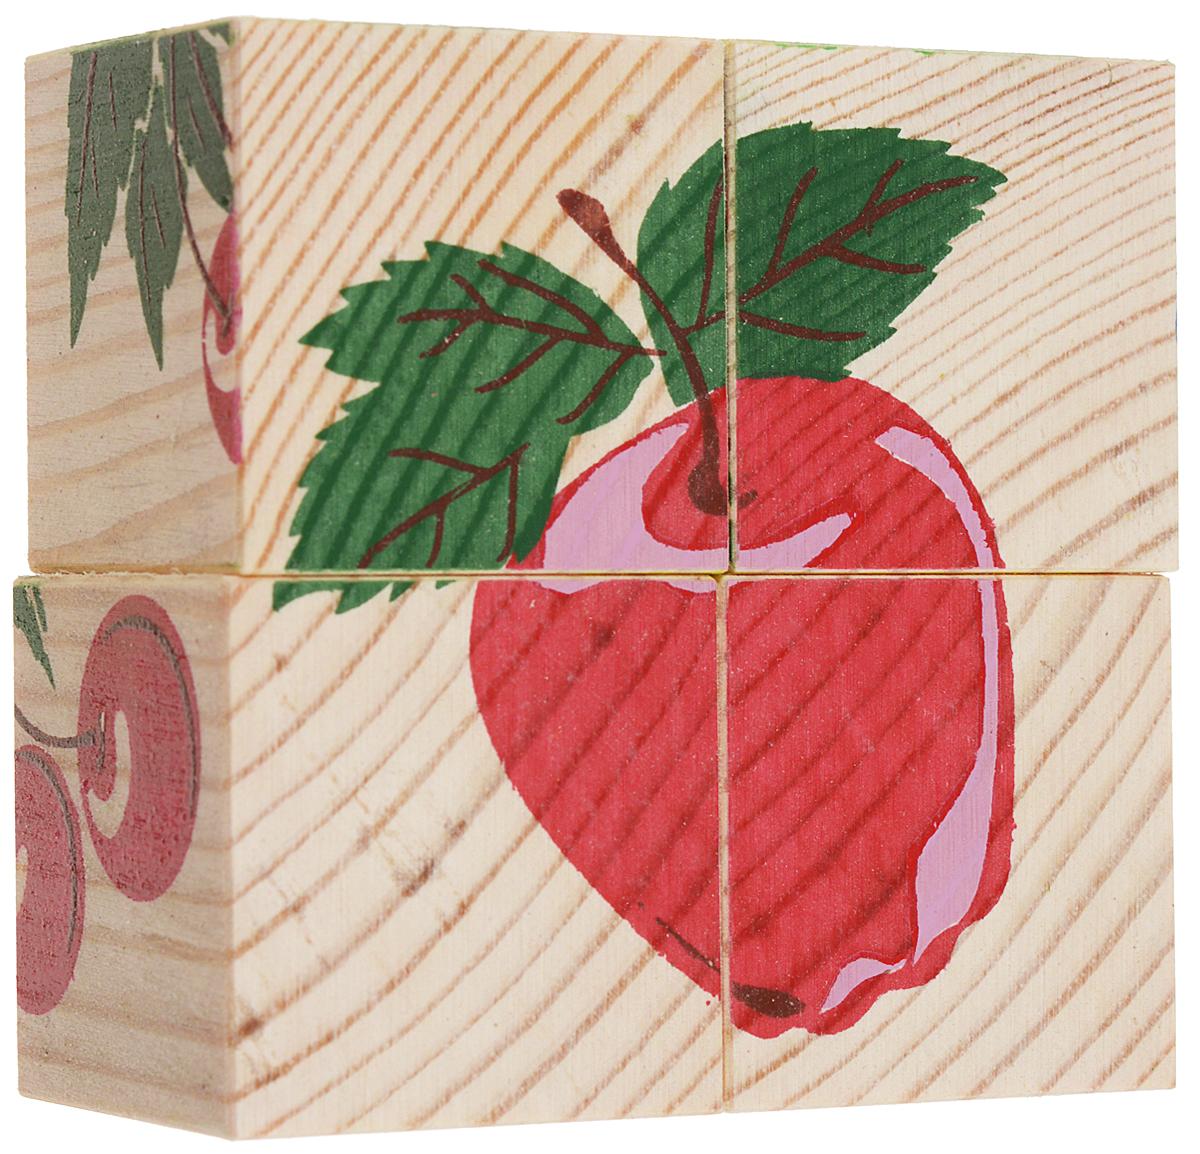 Томик Кубики Фрукты-ягоды3333-2Кубики Томик Фрукты-ягоды - это одна из самых популярных и необходимых игрушек для малыша. Деревянные кубики с рисунками многие родители неслучайно выбирают в качестве одной из первых игрушек для своих малышей. Ведь это не только прекрасный строительный материал для детских замков, но и удобное пособие для развития зрительной памяти, логики и мелкой моторики у детей. Объясните ребенку, что на каждом кубике нанесены части картинки, которые надо собрать вместе. Покажите как, вращая кубик, можно найти необходимый кусочек изображения. С помощью кубиков можно собрать 6 разных изображений фруктов и ягод.